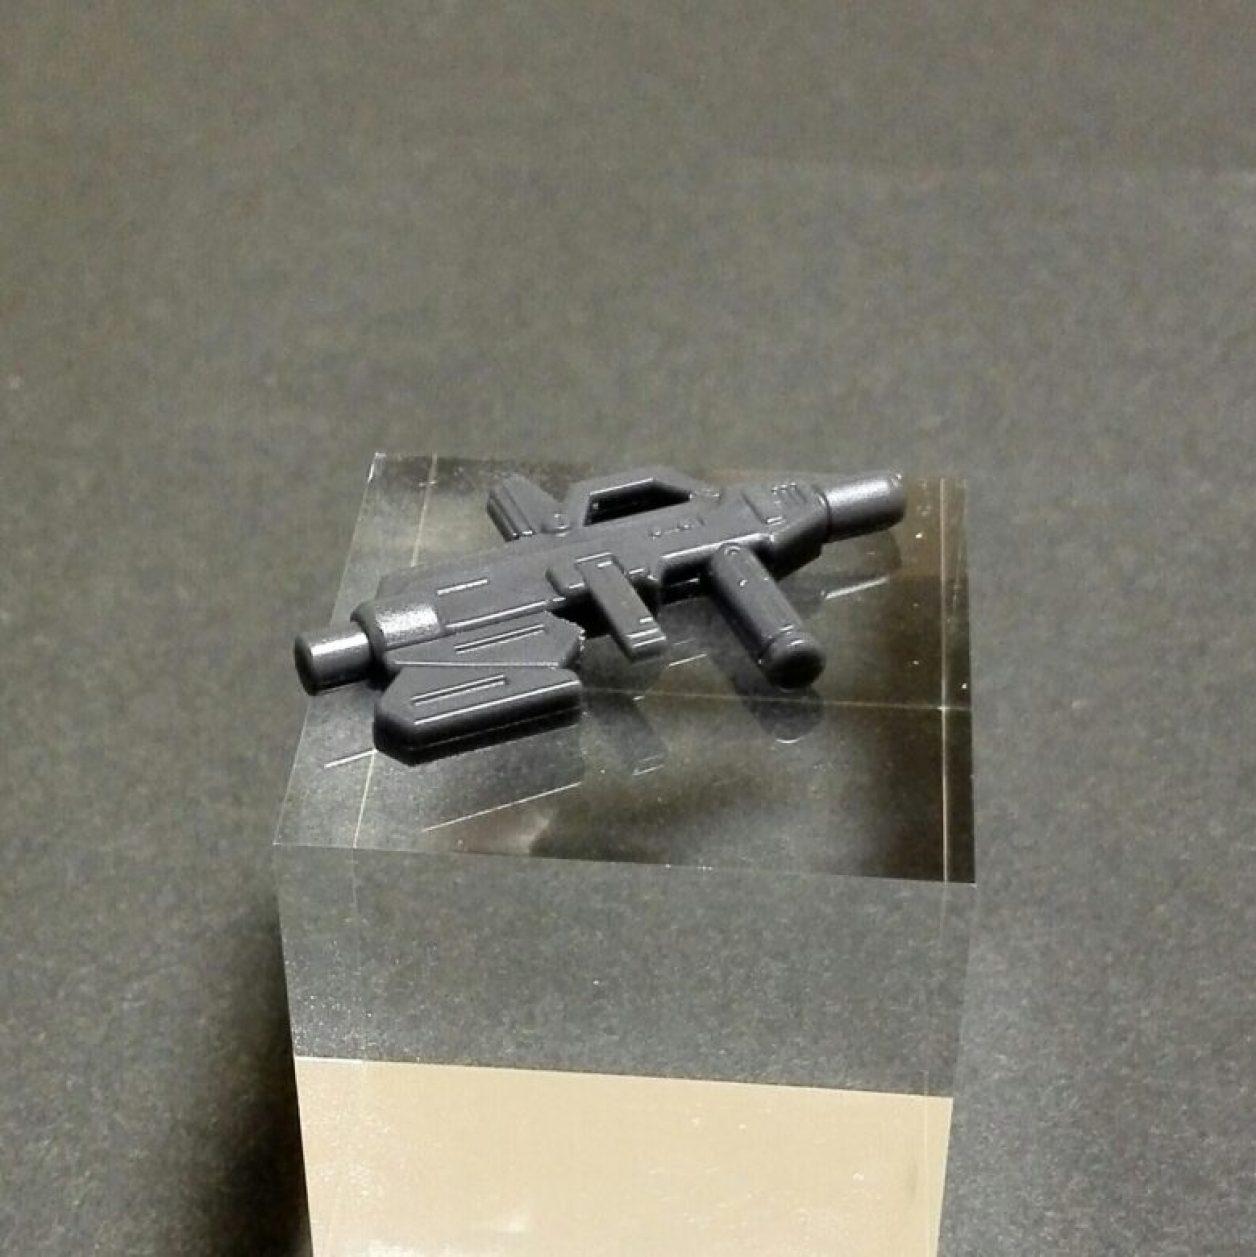 MOBILE SUIT ENSEMBLE(モビルスーツアンサンブル)第3.5弾ヘイズル改(ティターンズカラー)のビーム・ライフルの画像